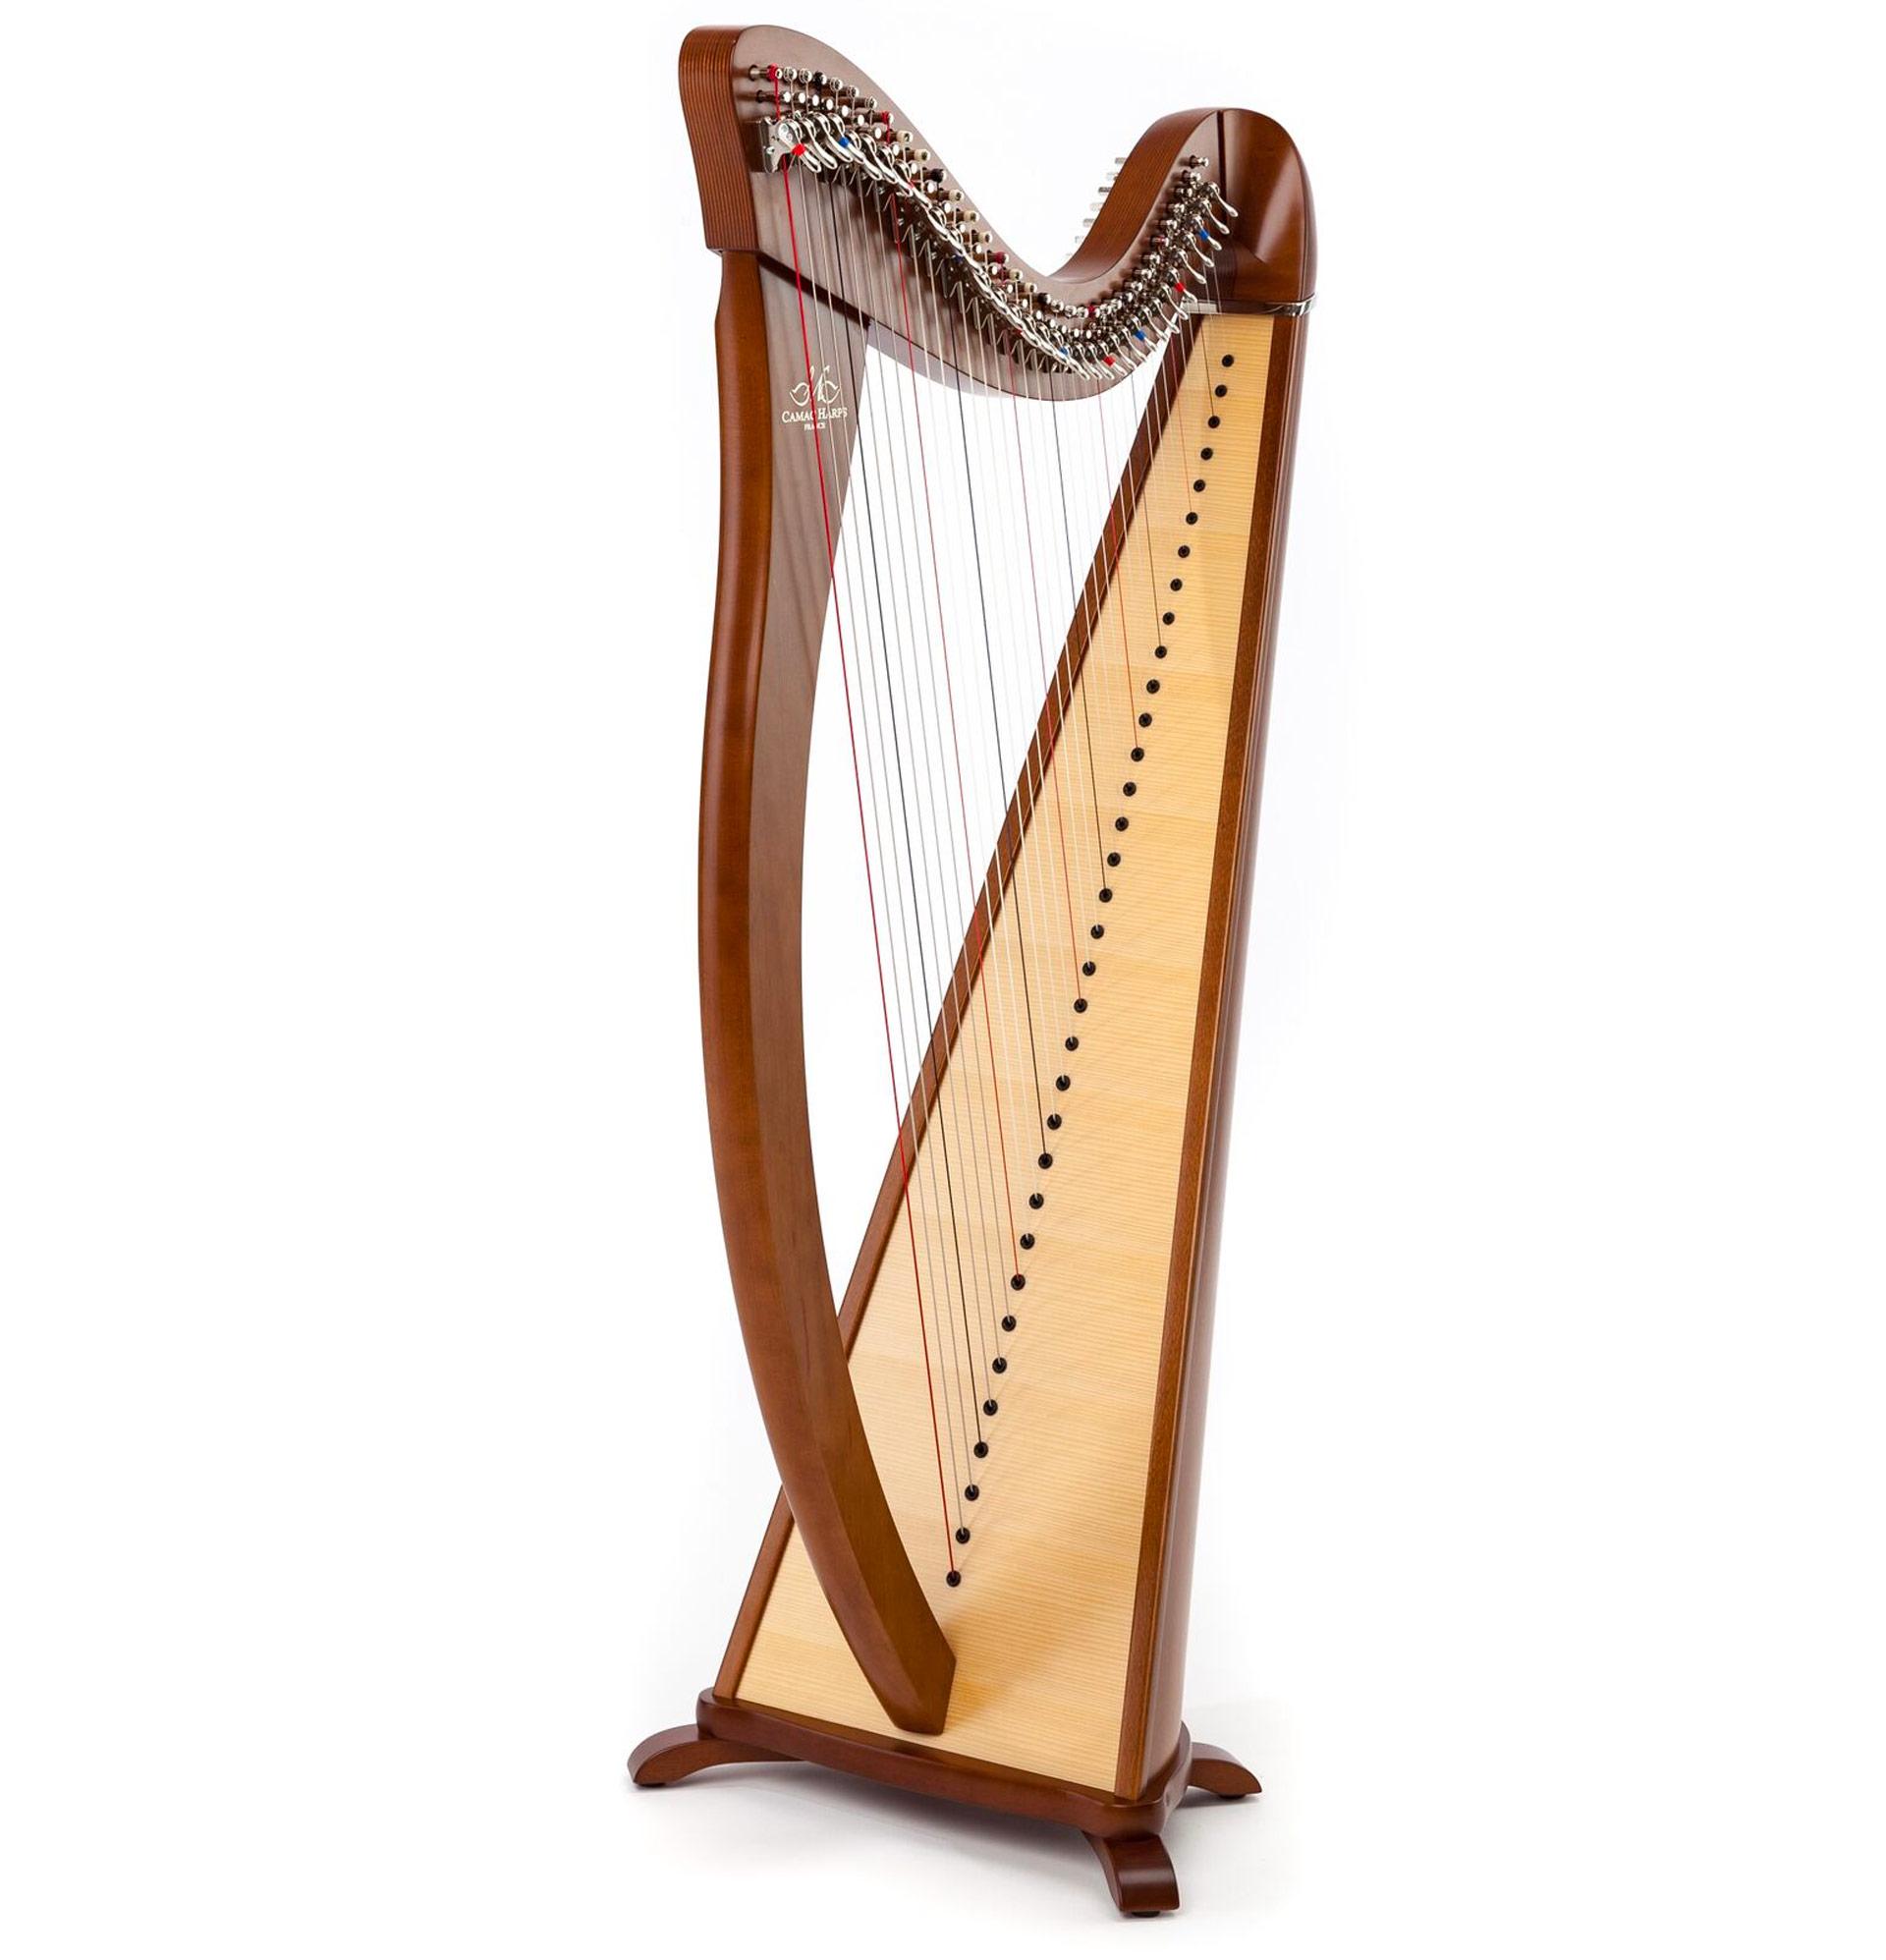 Harppu: Camac Hermine, pähkinä